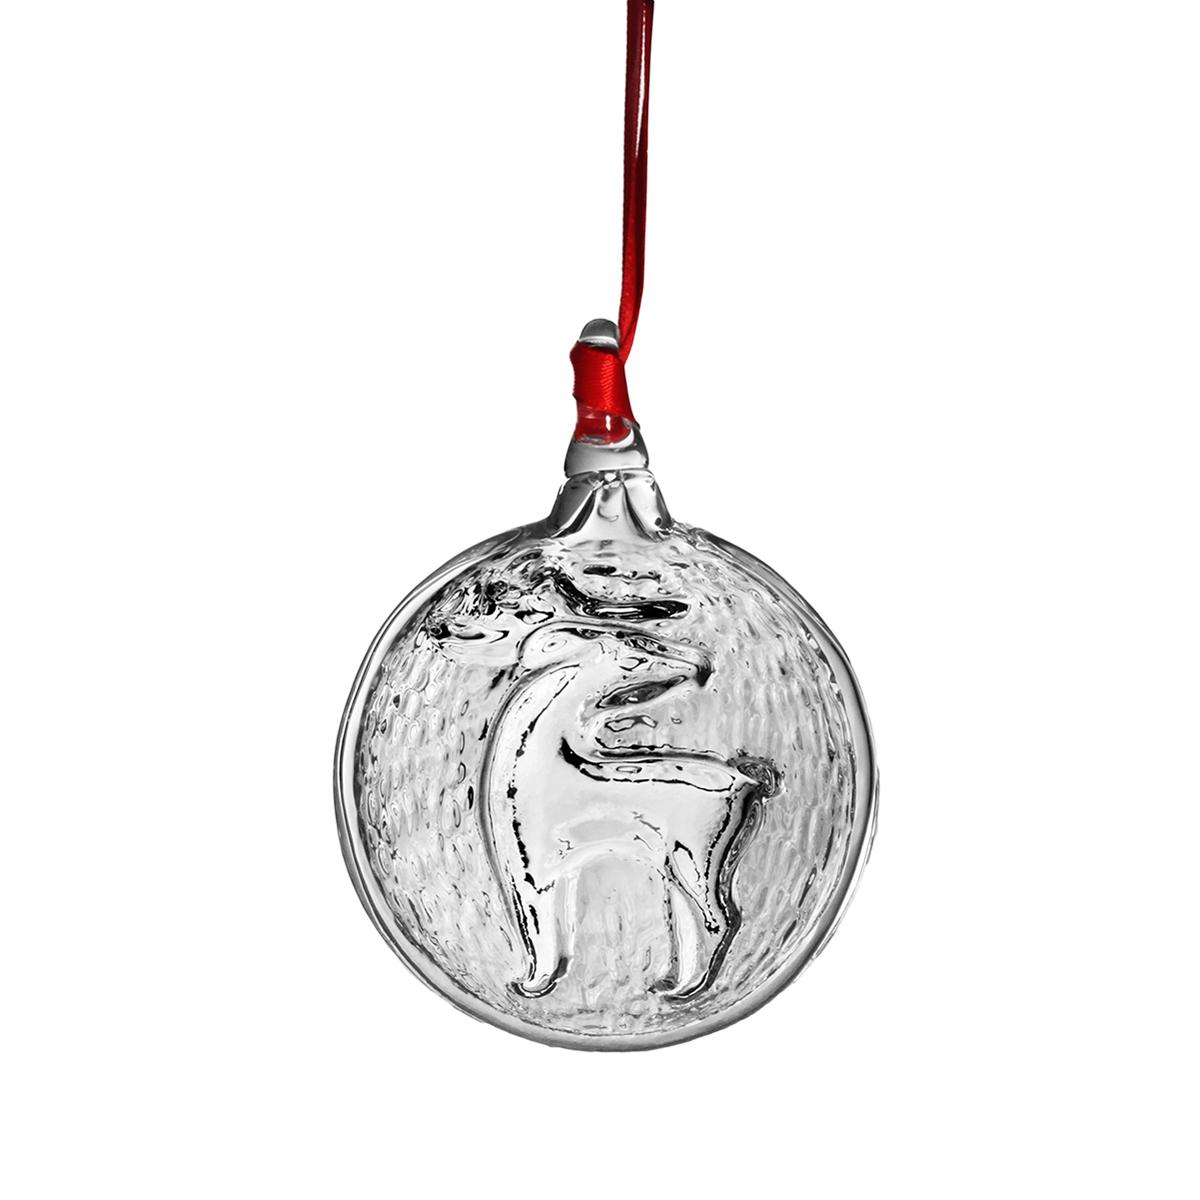 Steuben Reindeer Ornament